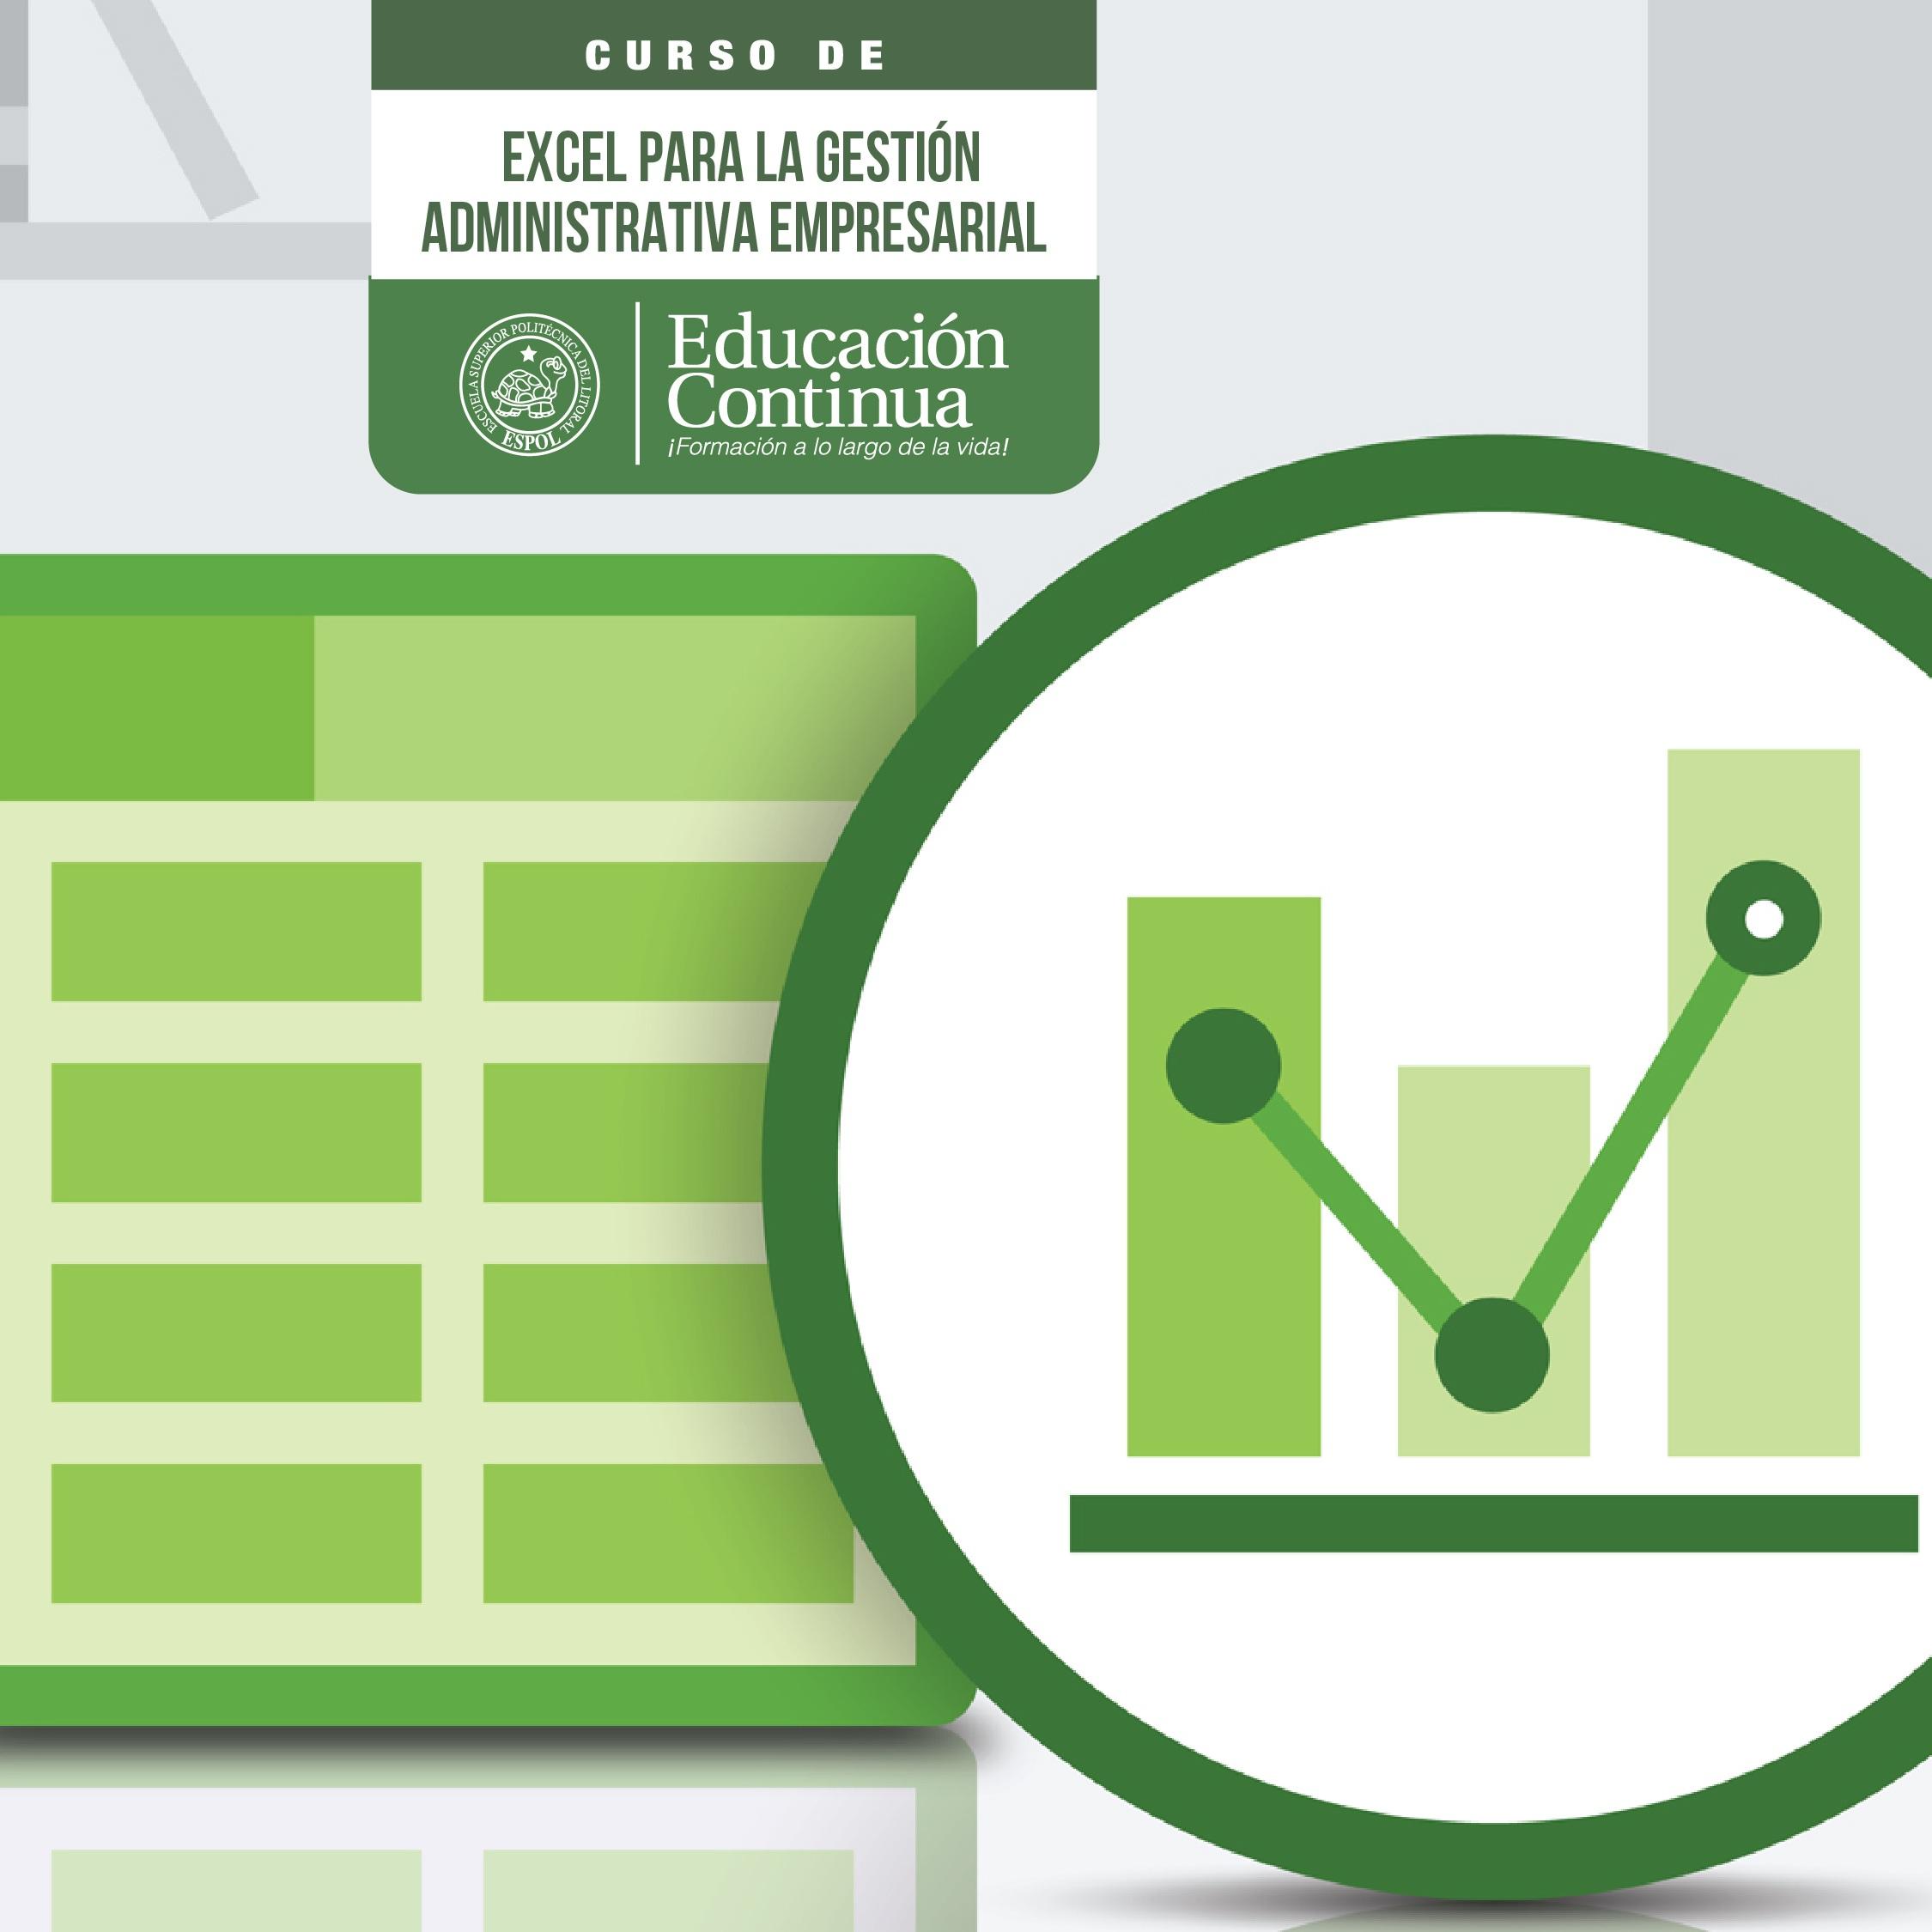 Excel para la Gestión Administrativa Empresarial (Básico-Intermedio)